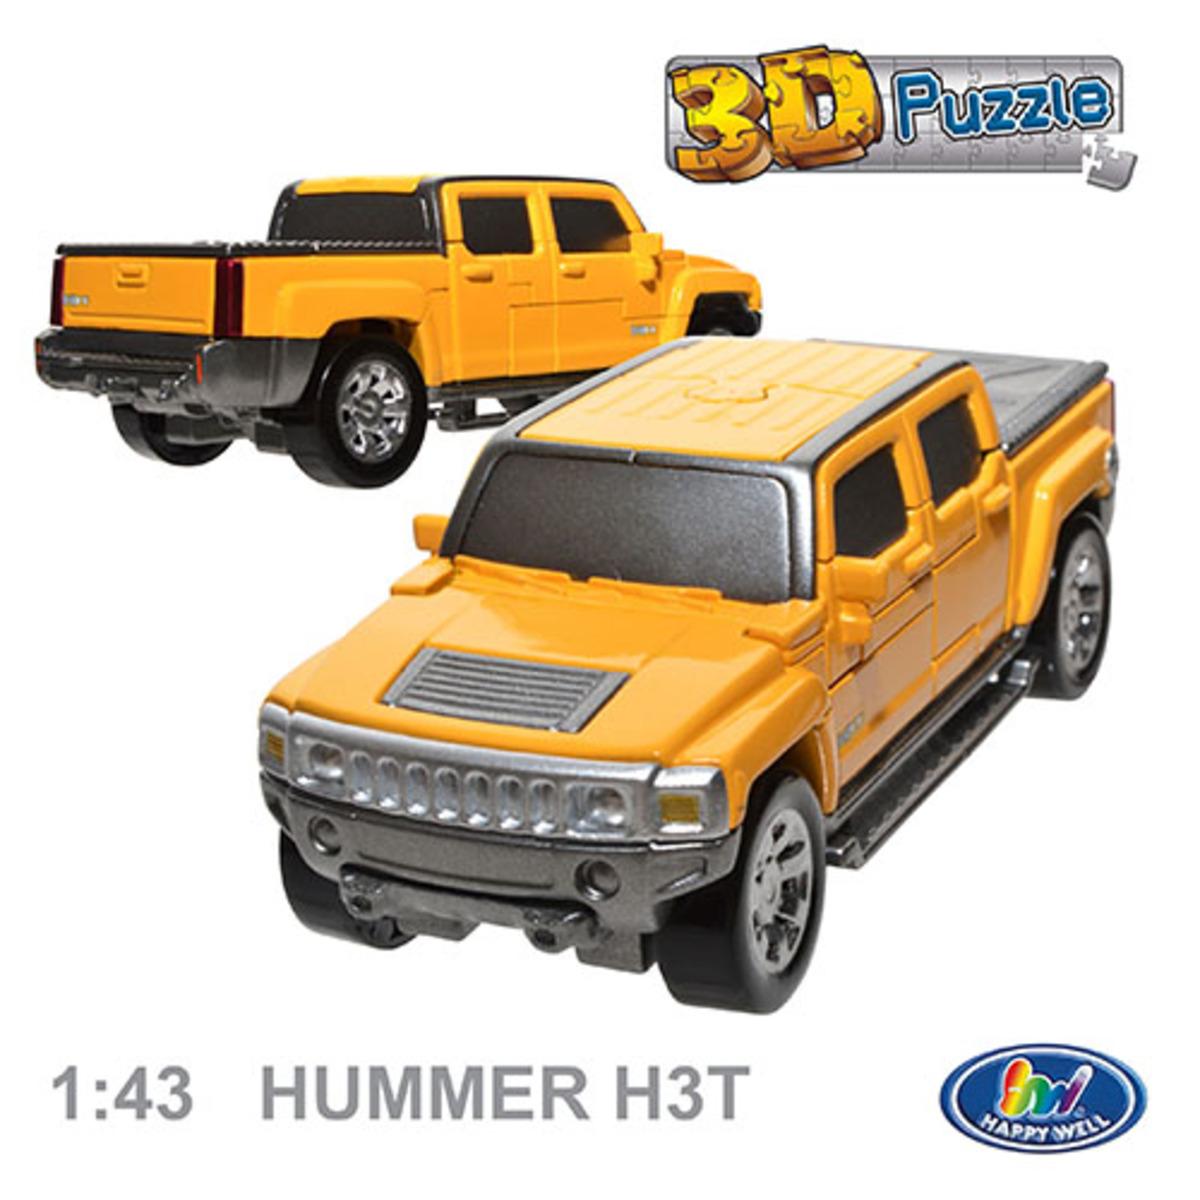 3D PUZZLE (Brand car)